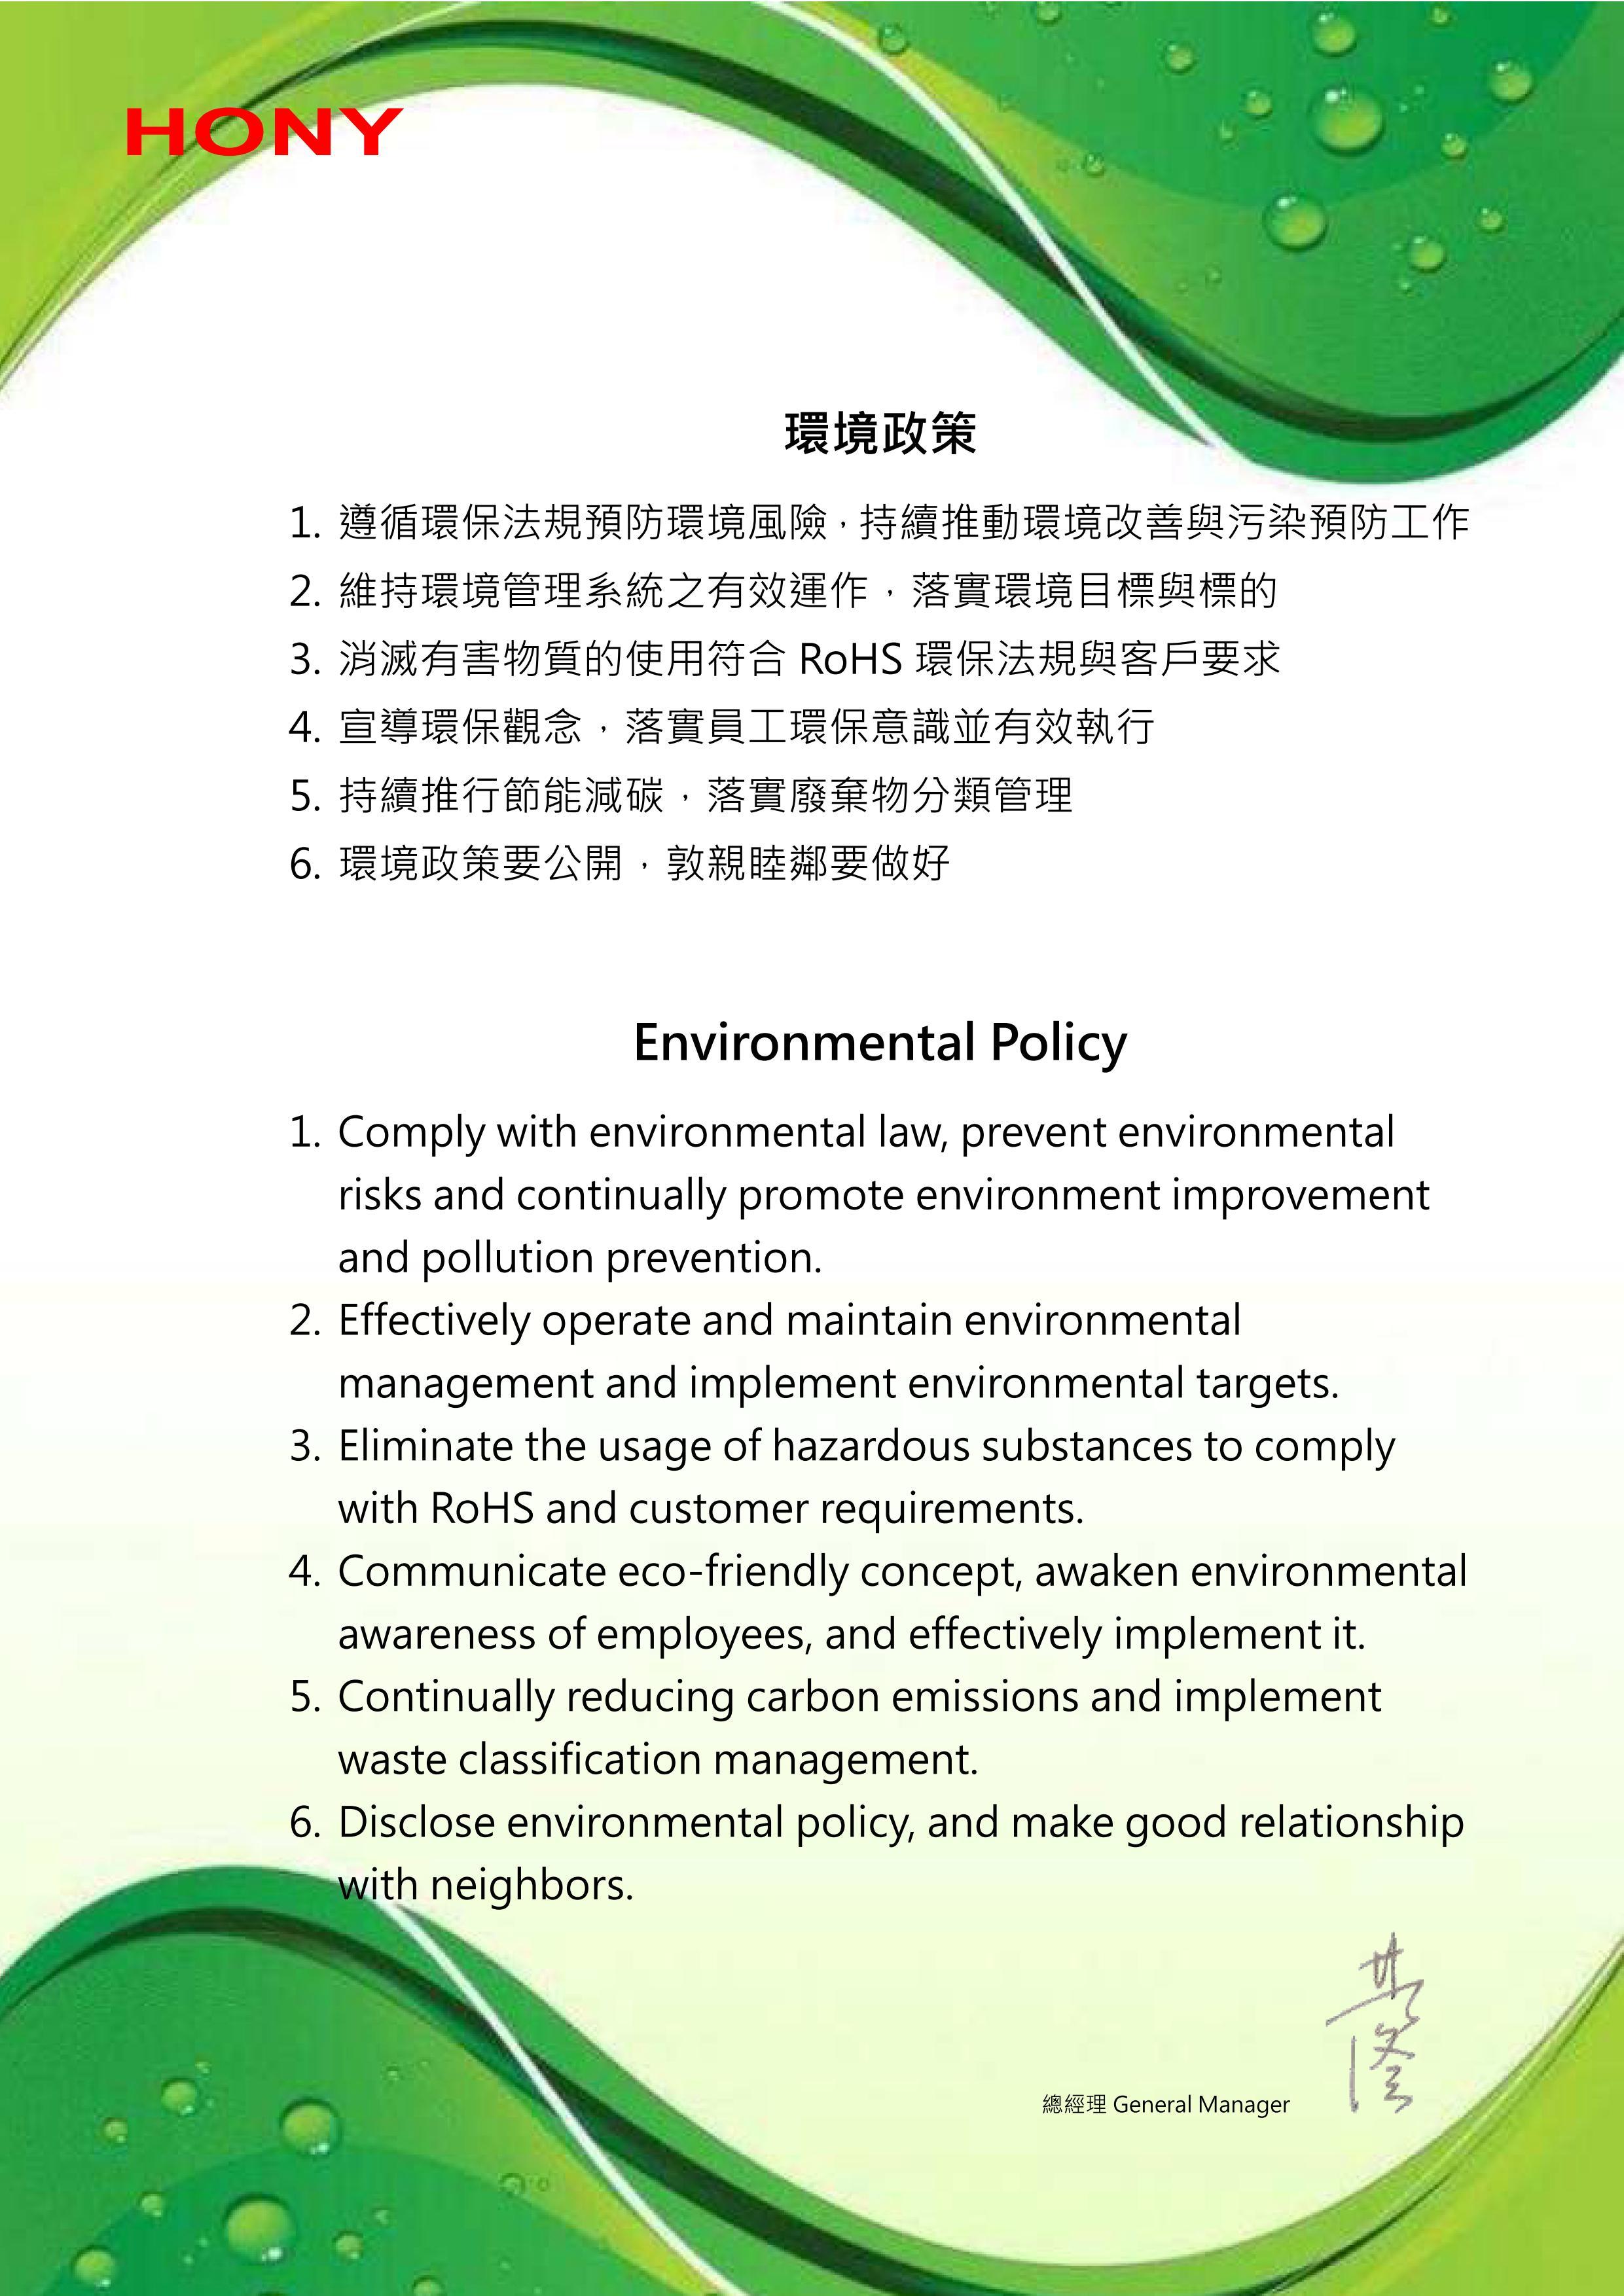 環境政策(中英版)_01.jpg